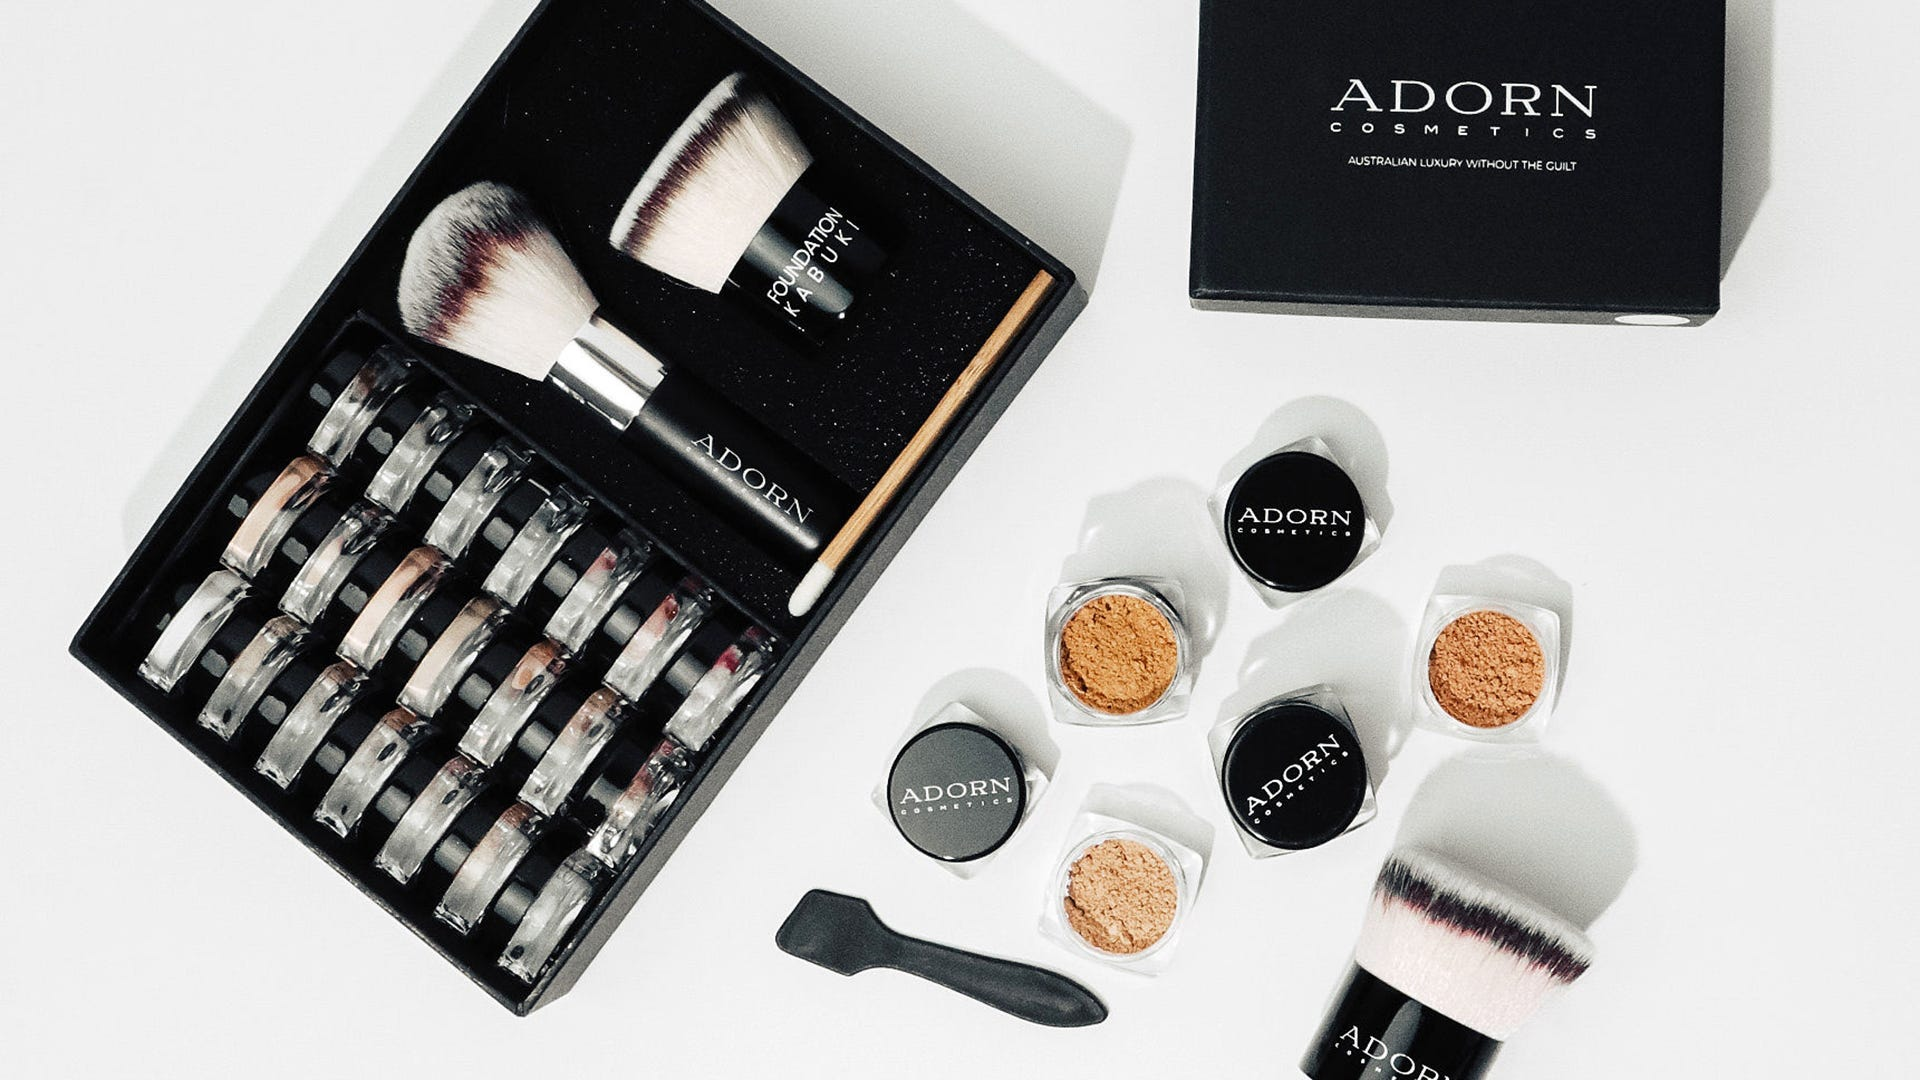 Adorn Cosmetics Powder Samples